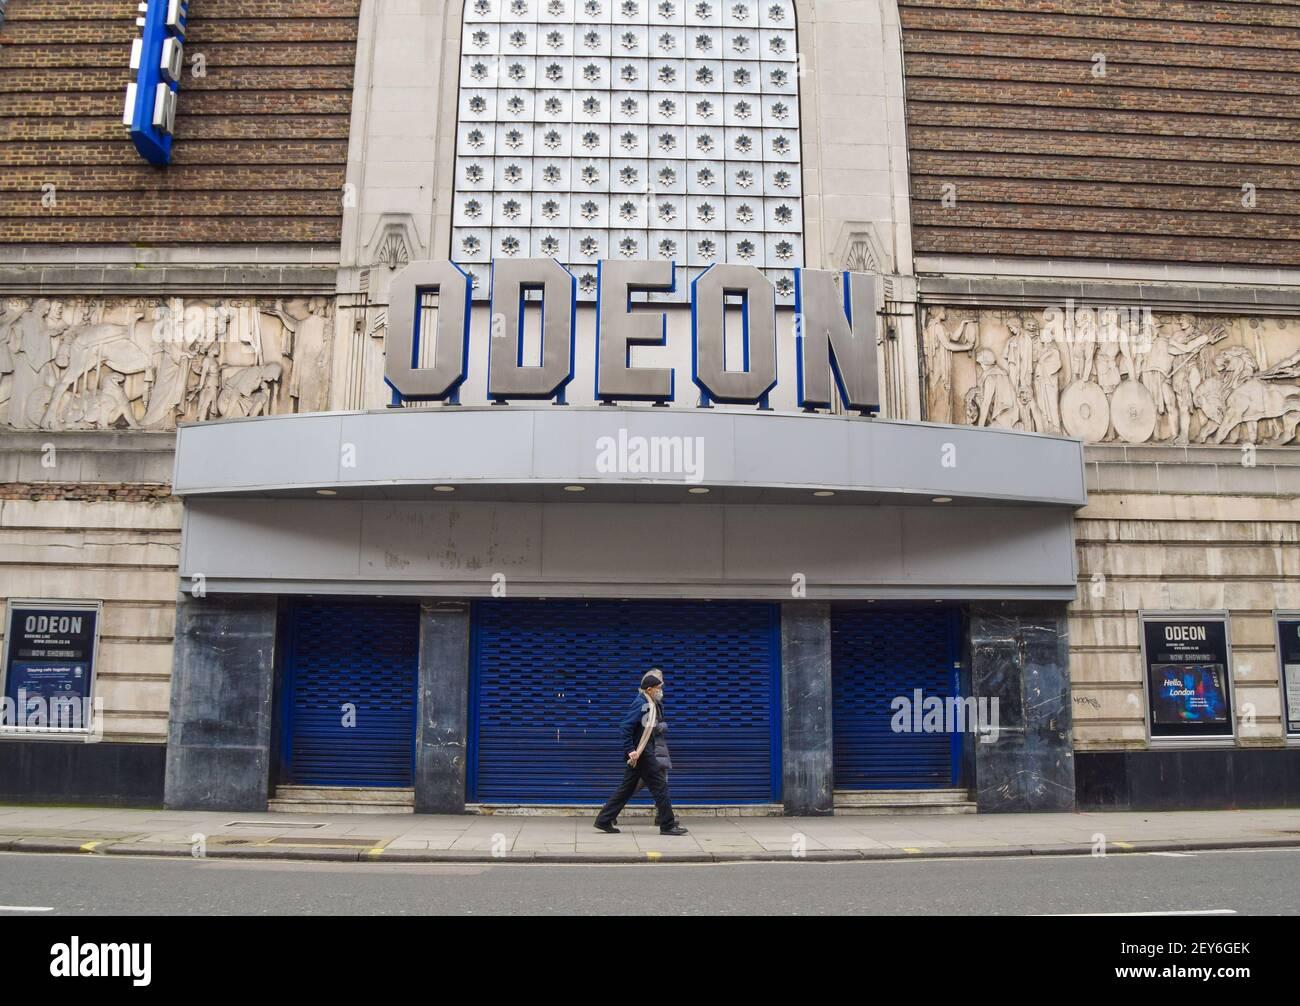 Londres, Royaume-Uni. 05e mars 2021. Un homme portant un masque facial par mesure de précaution contre la propagation de covid 19 promenades à travers le cinéma Odeon fermé à Covent Garden, Londres.le Royaume-Uni va commencer à lever les restrictions de verrouillage ce mois-ci, avec plusieurs étapes devant avoir lieu au cours des prochaines semaines. Crédit : SOPA Images Limited/Alamy Live News Banque D'Images